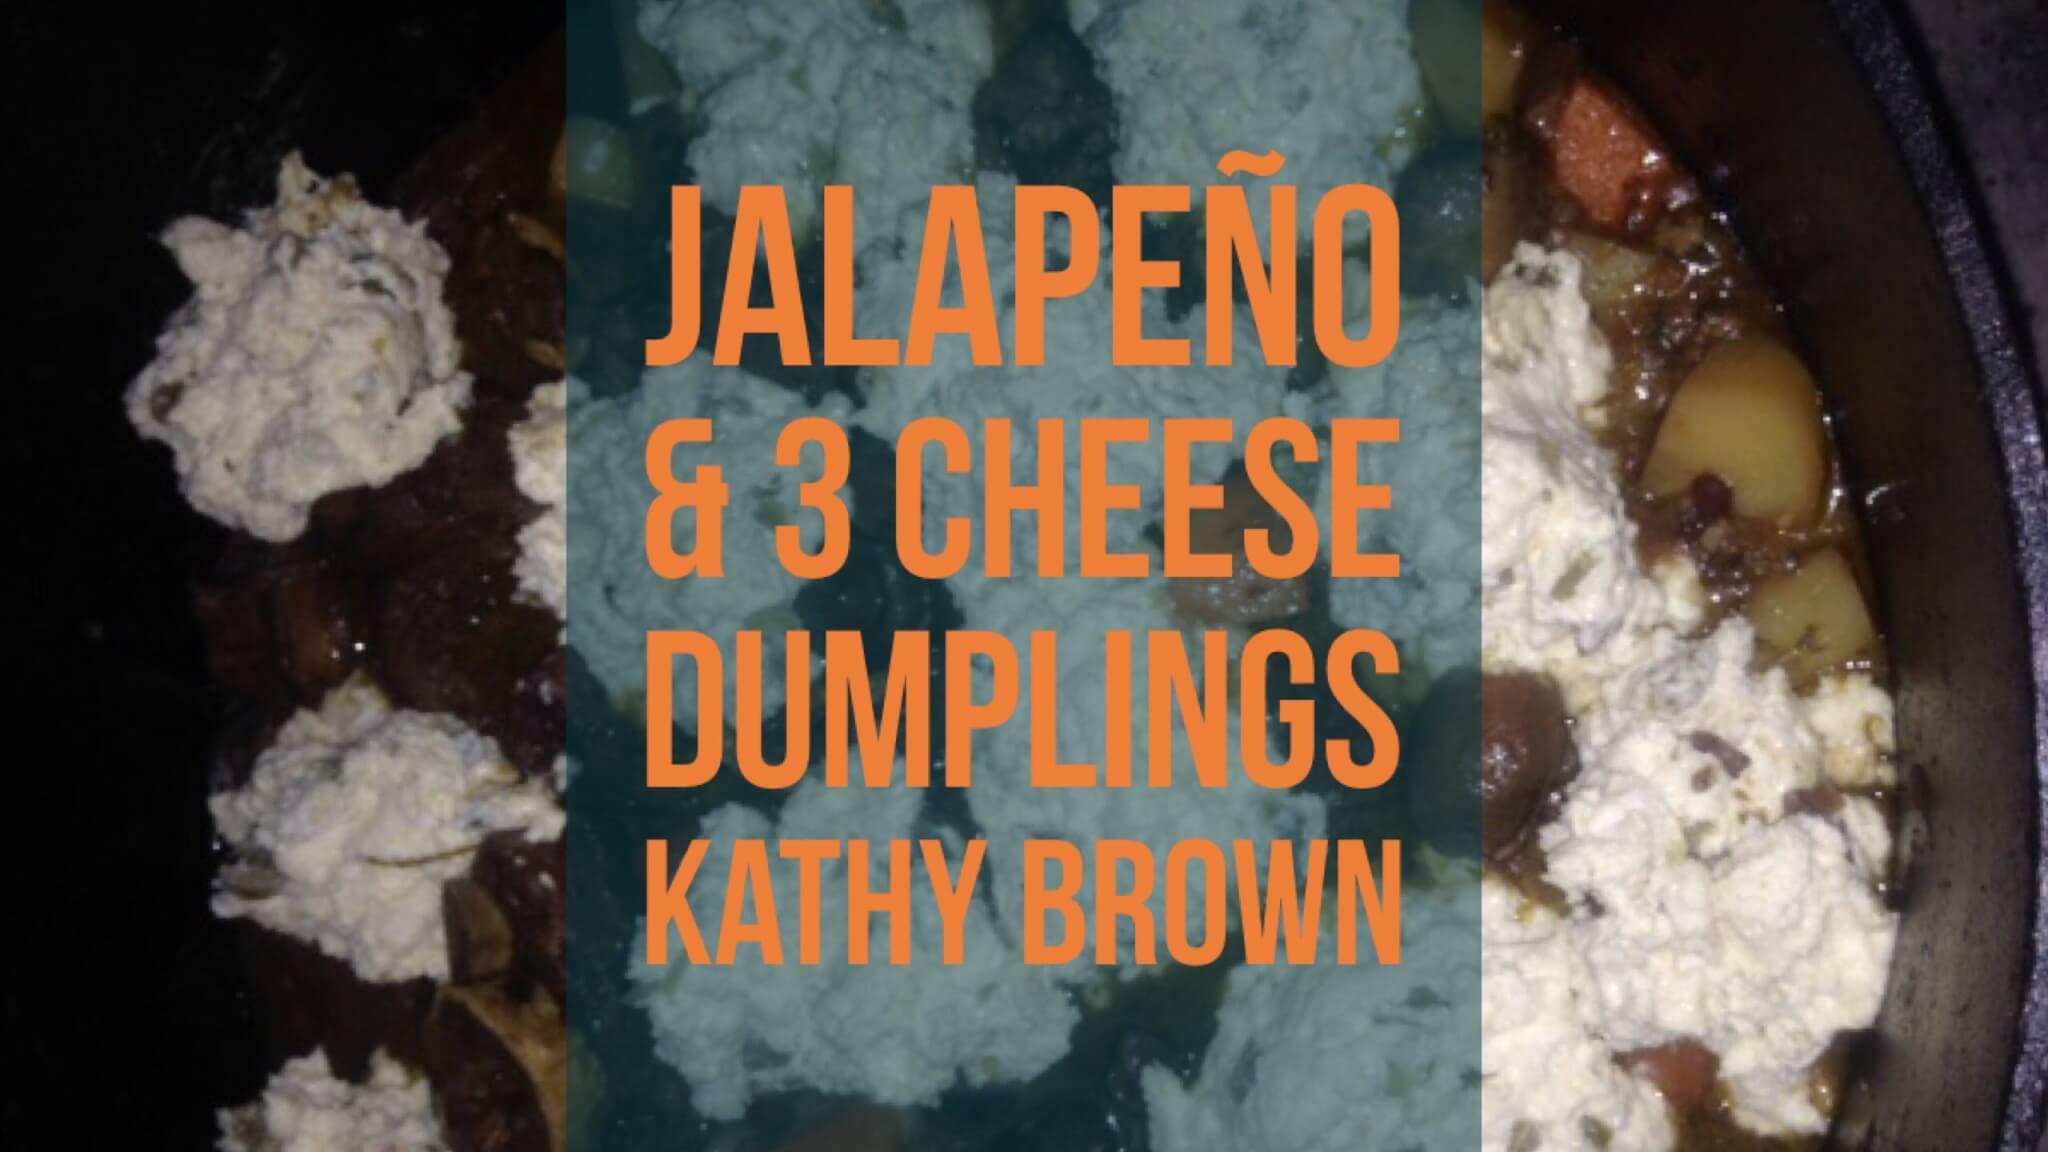 Jalapeño & 3 cheese dumplings | Kathy Brown